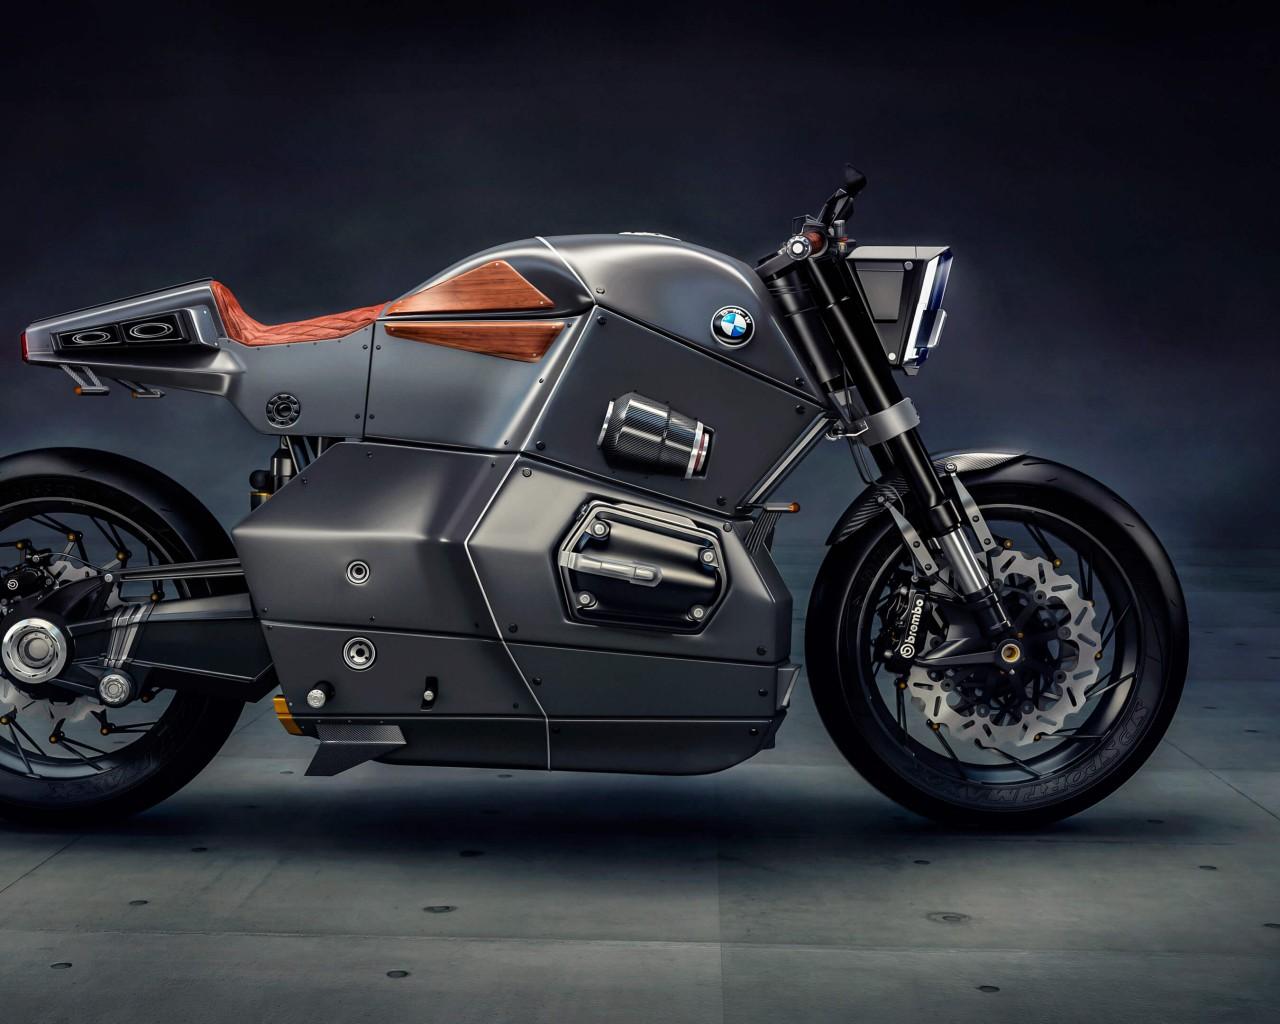 BMW M Bike Concept HD wallpaper for 1280 x 1024   HDwallpapersnet 1280x1024